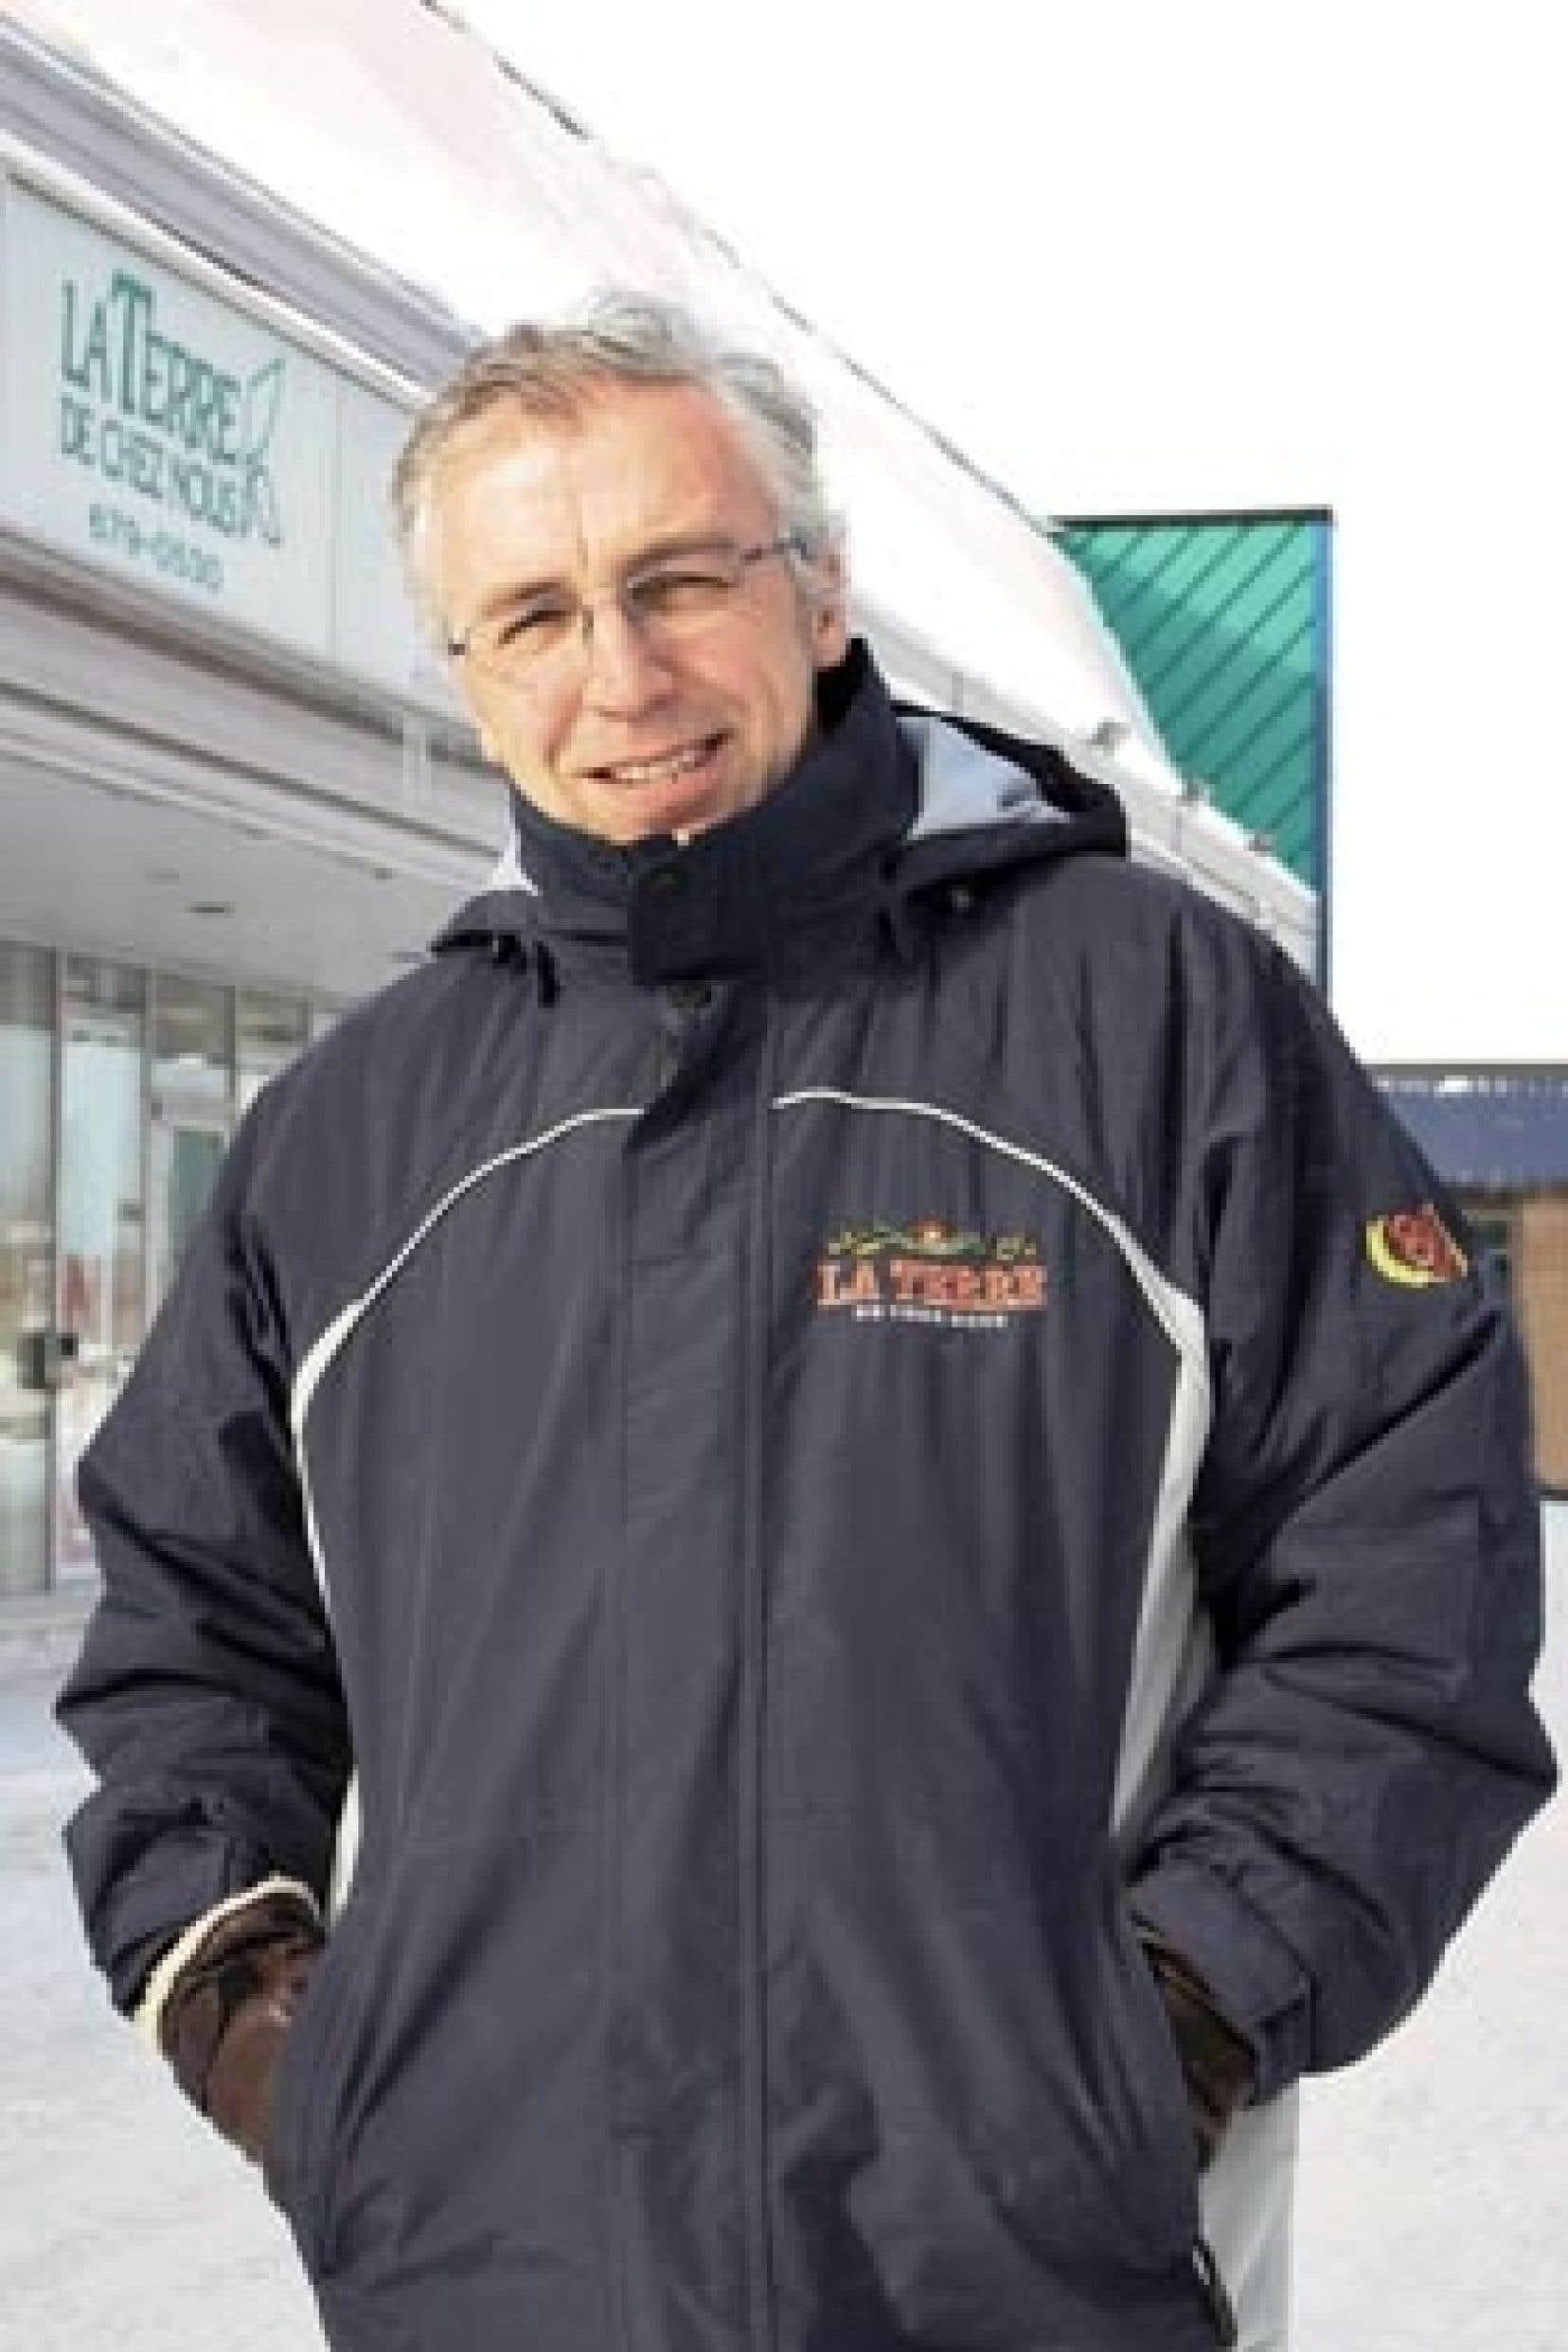 Loïc Hamon, le directeur de La Terre de chez nous